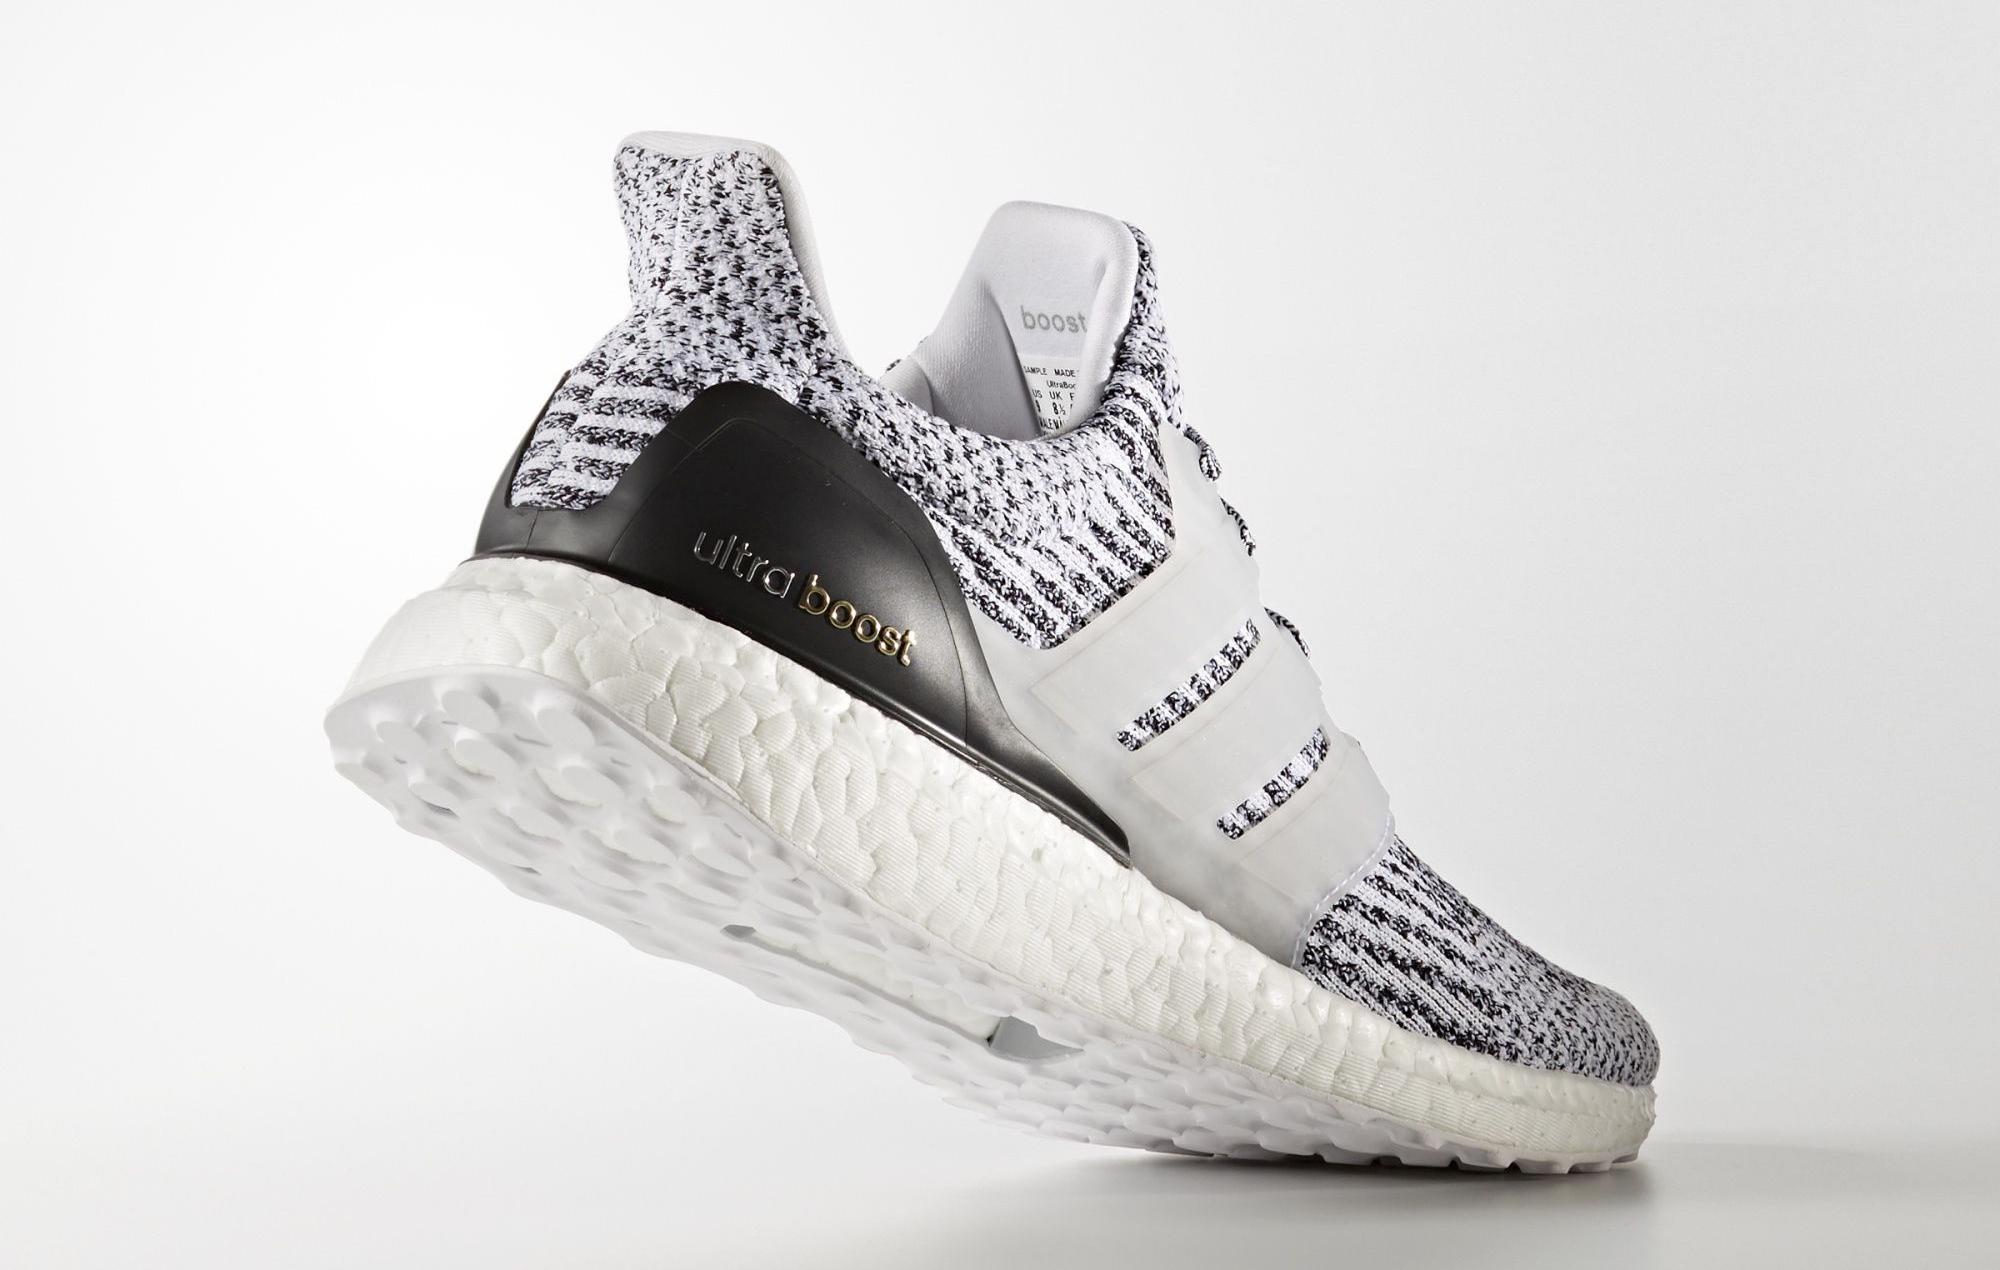 Adidas Ultra Boost 3.0 S80636 Oreo Heel